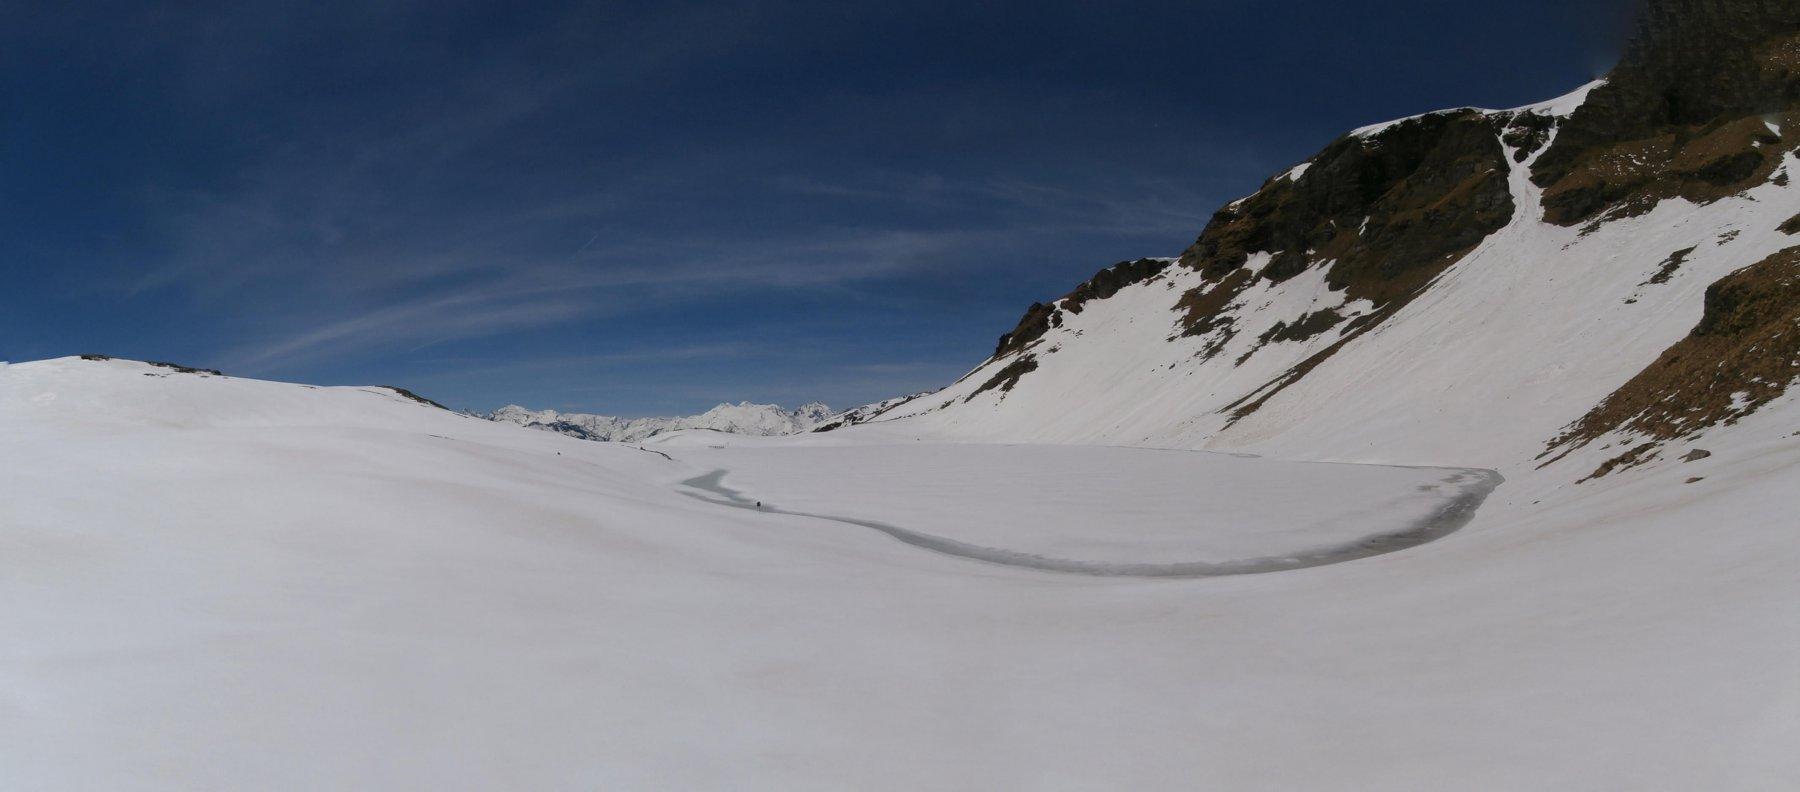 l'arrivo al lago ancora gelato ma visibile..panorami estesi  ...